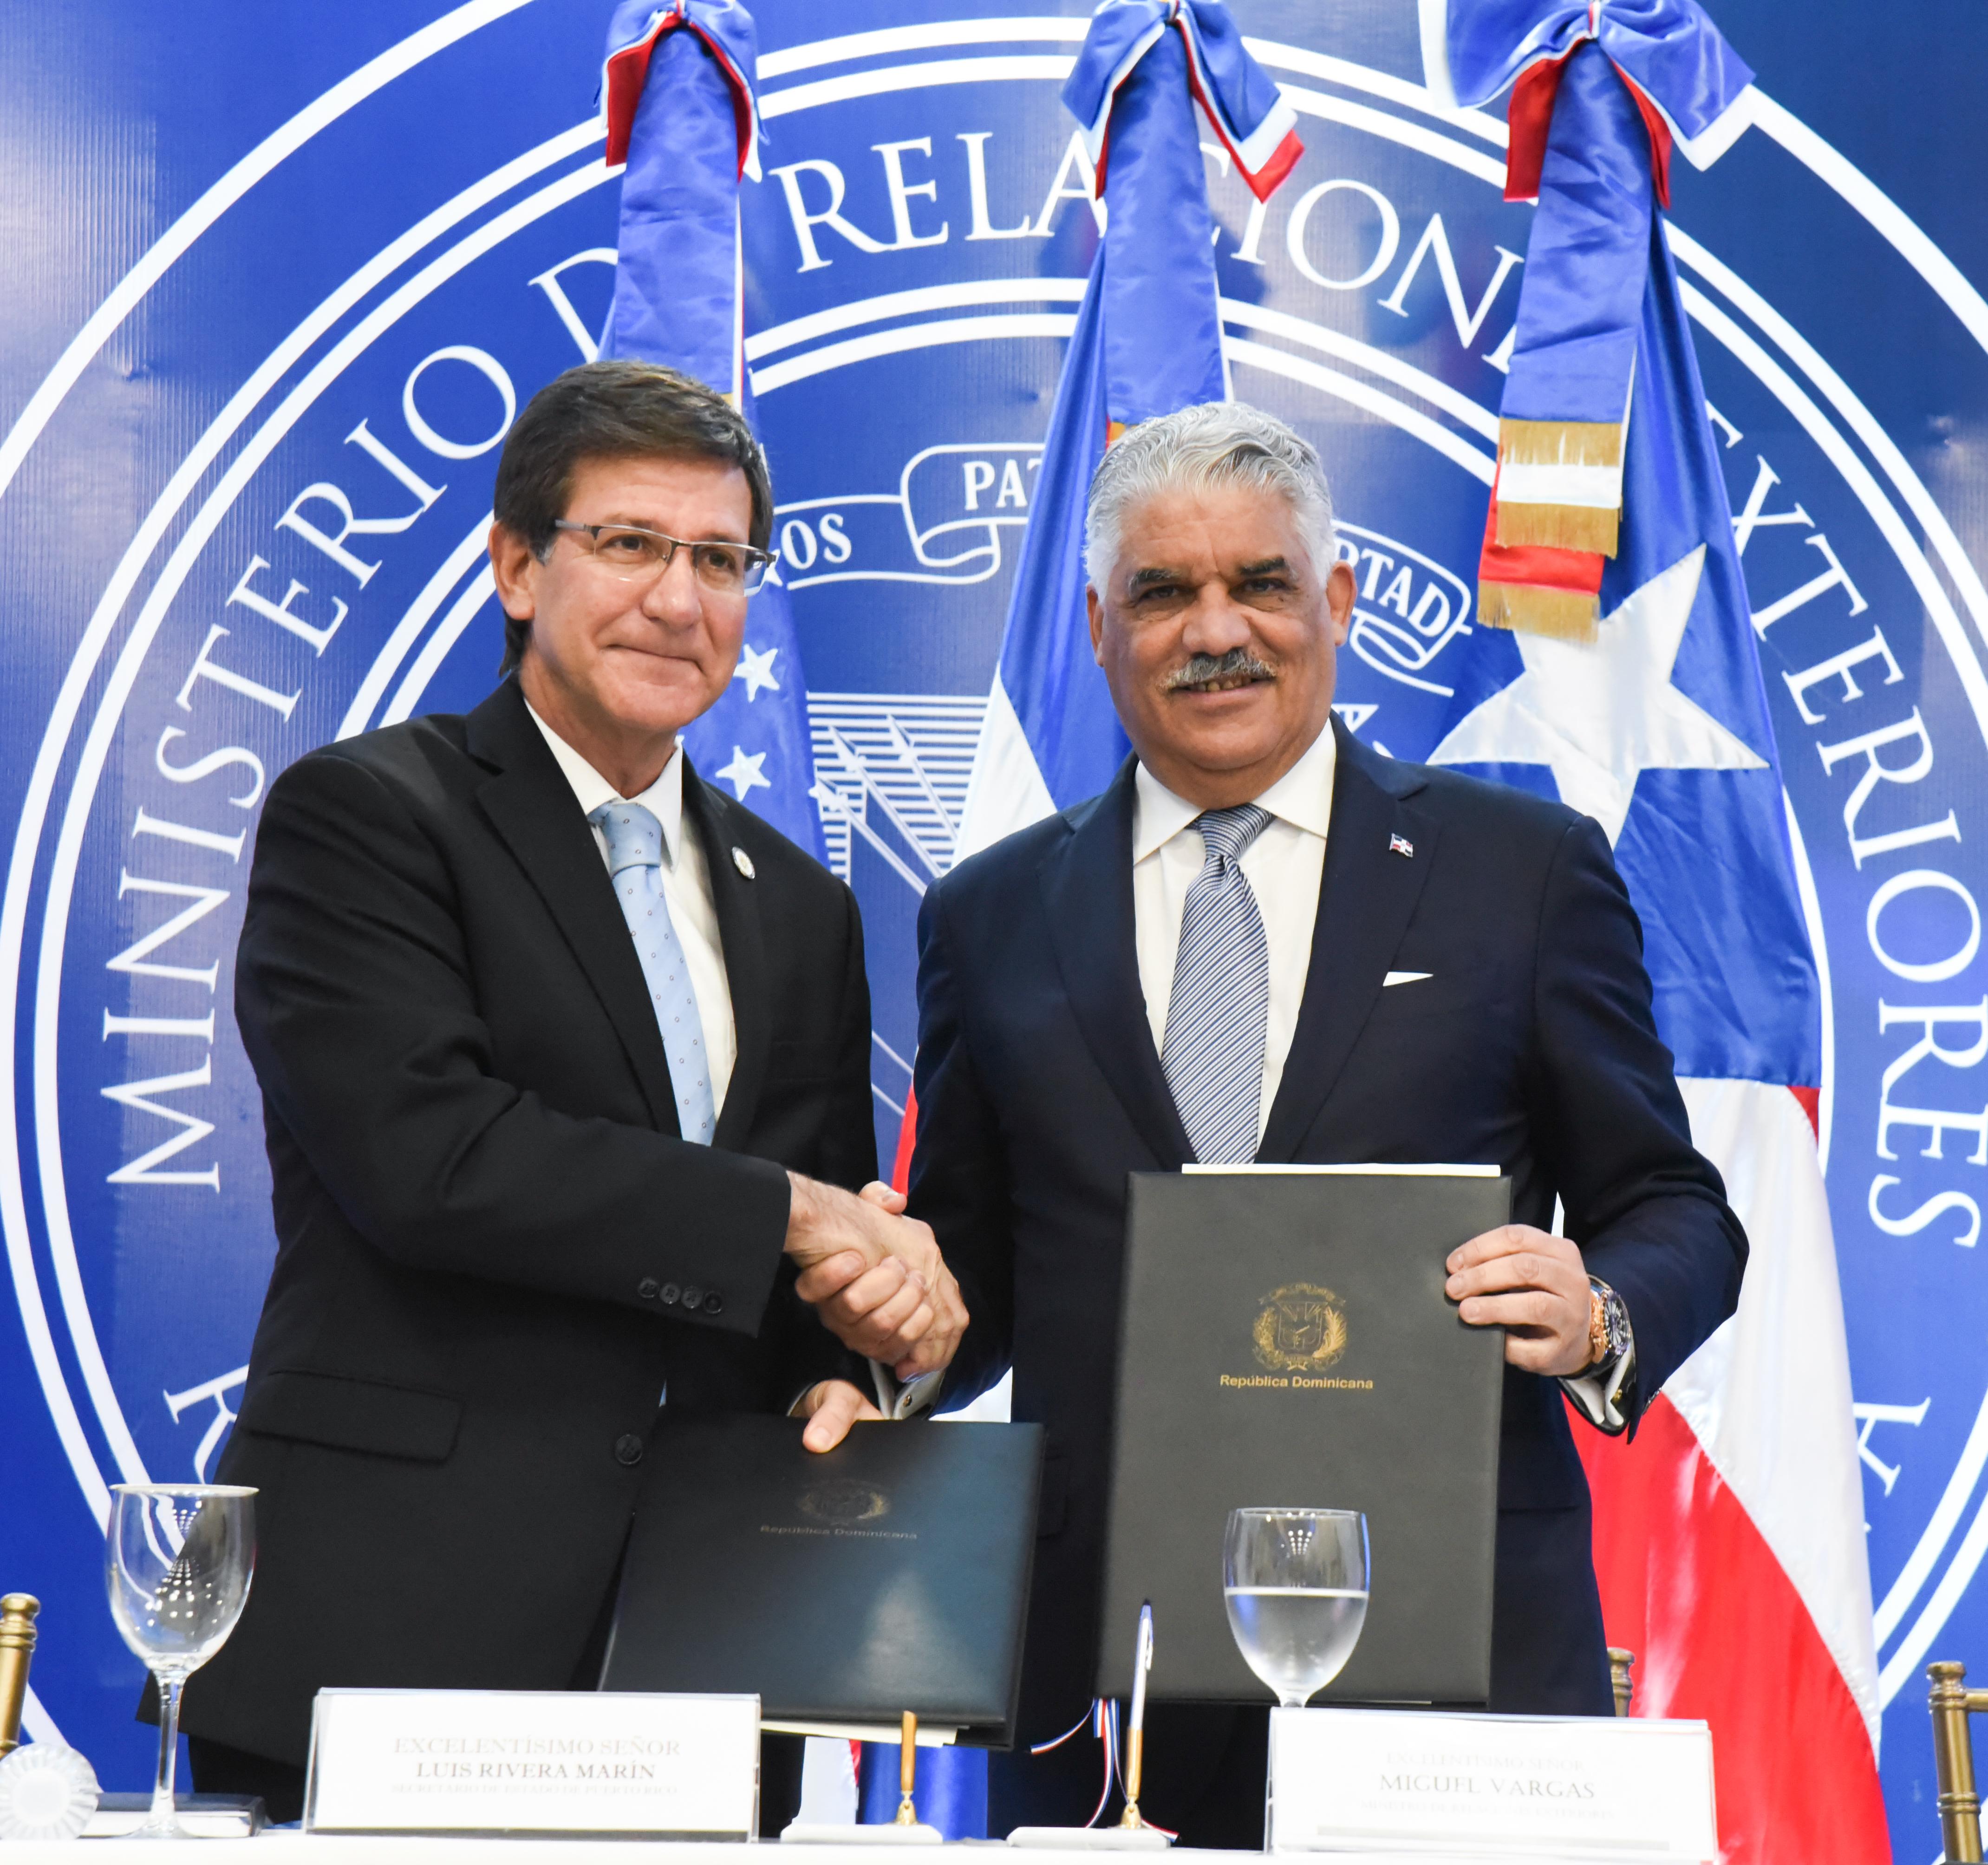 Canciller Miguel Vargas anuncia República Dominicana y PR solicitan EE. UU. elimine tarifa importación acero